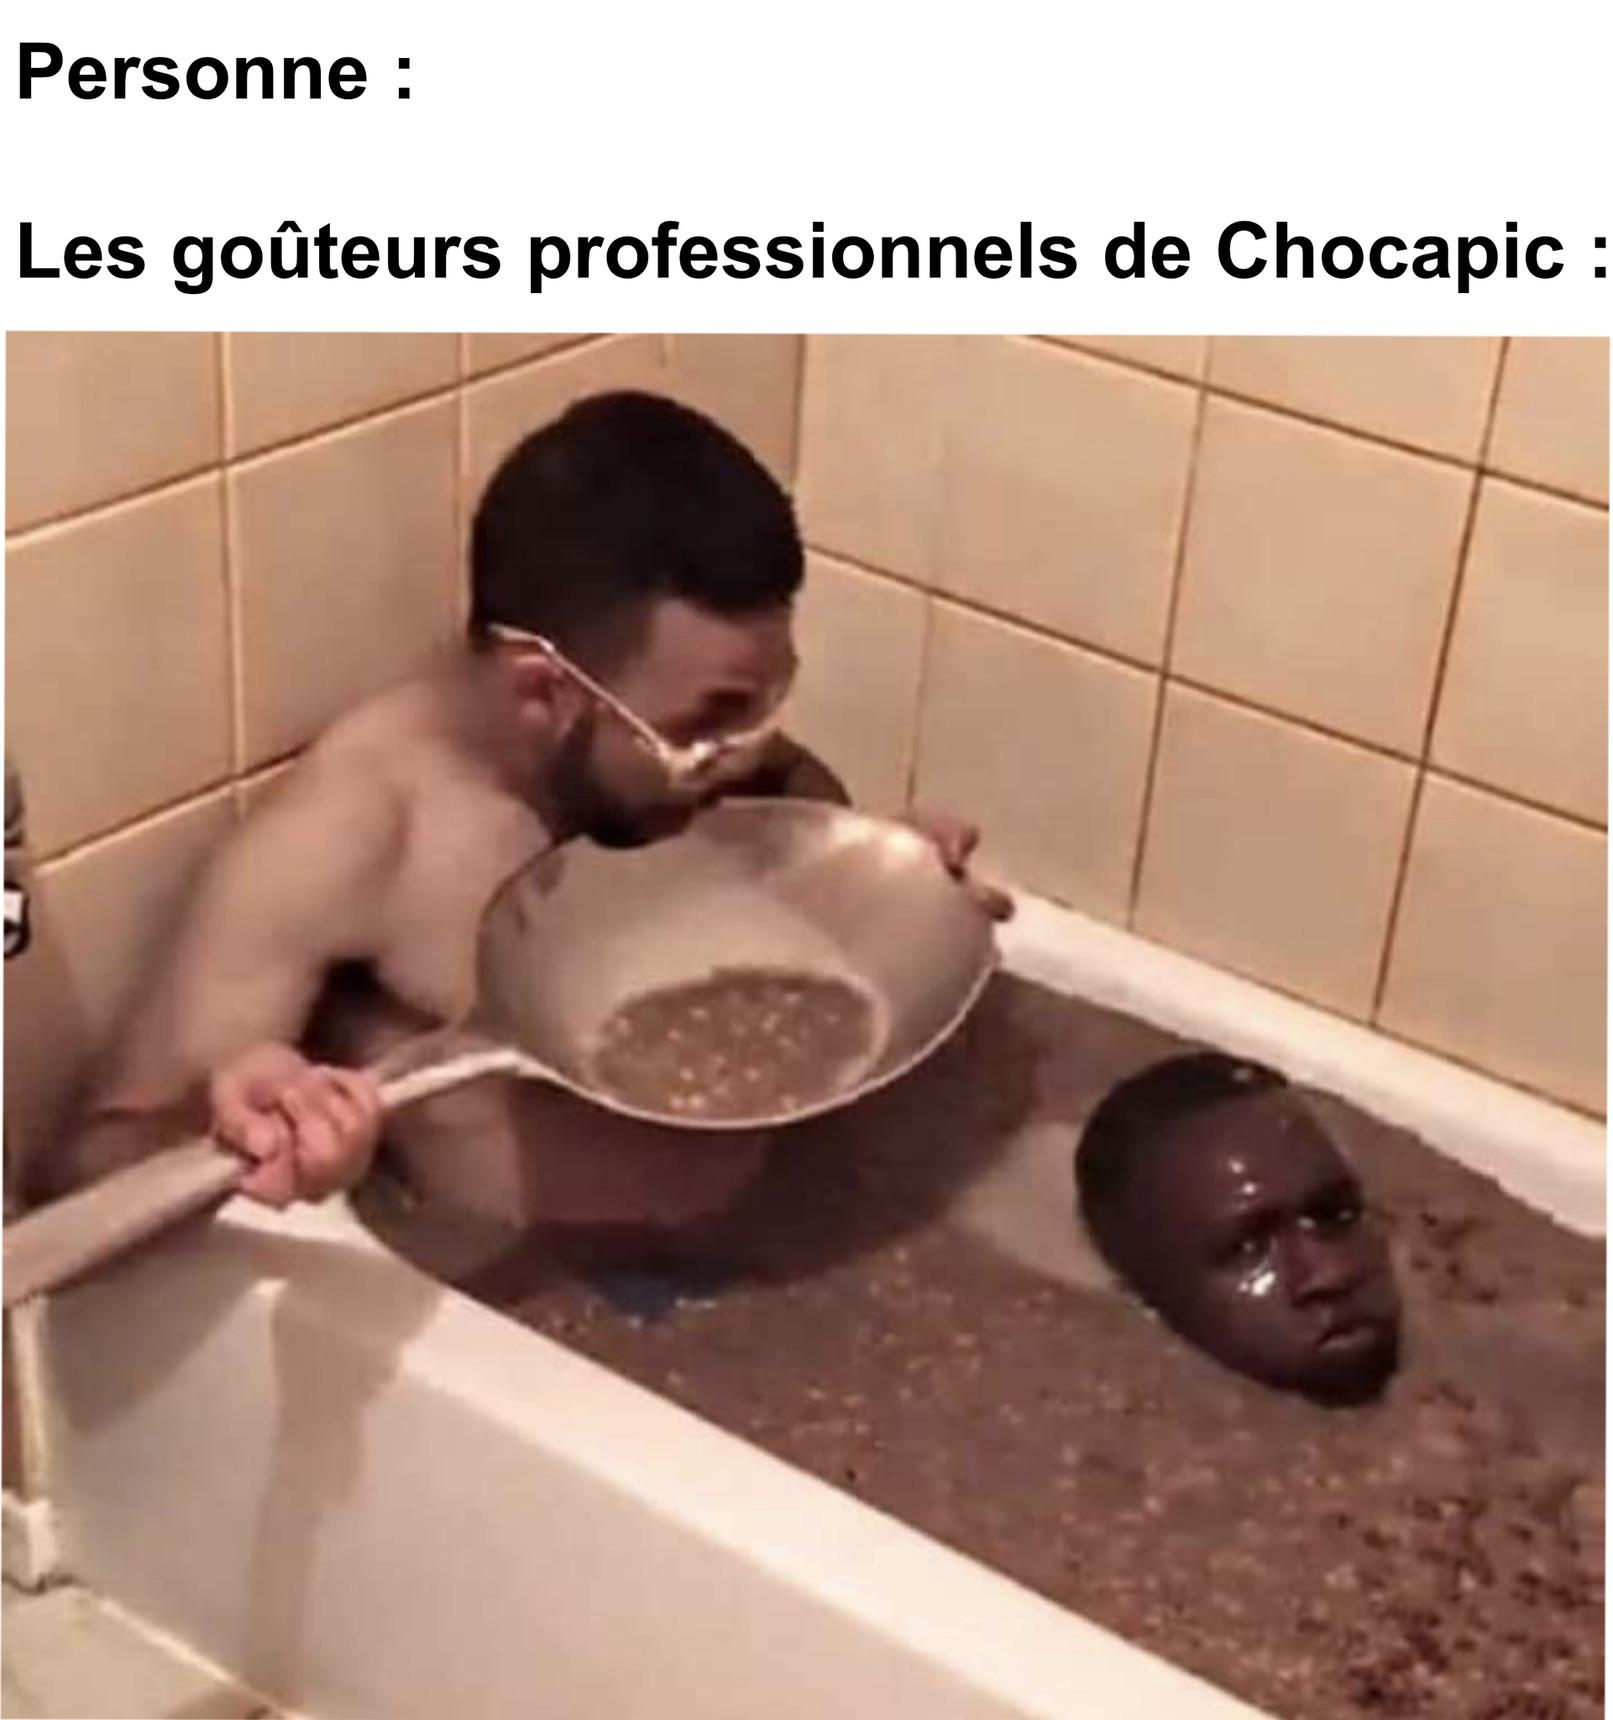 Bon appétit ^^ - meme